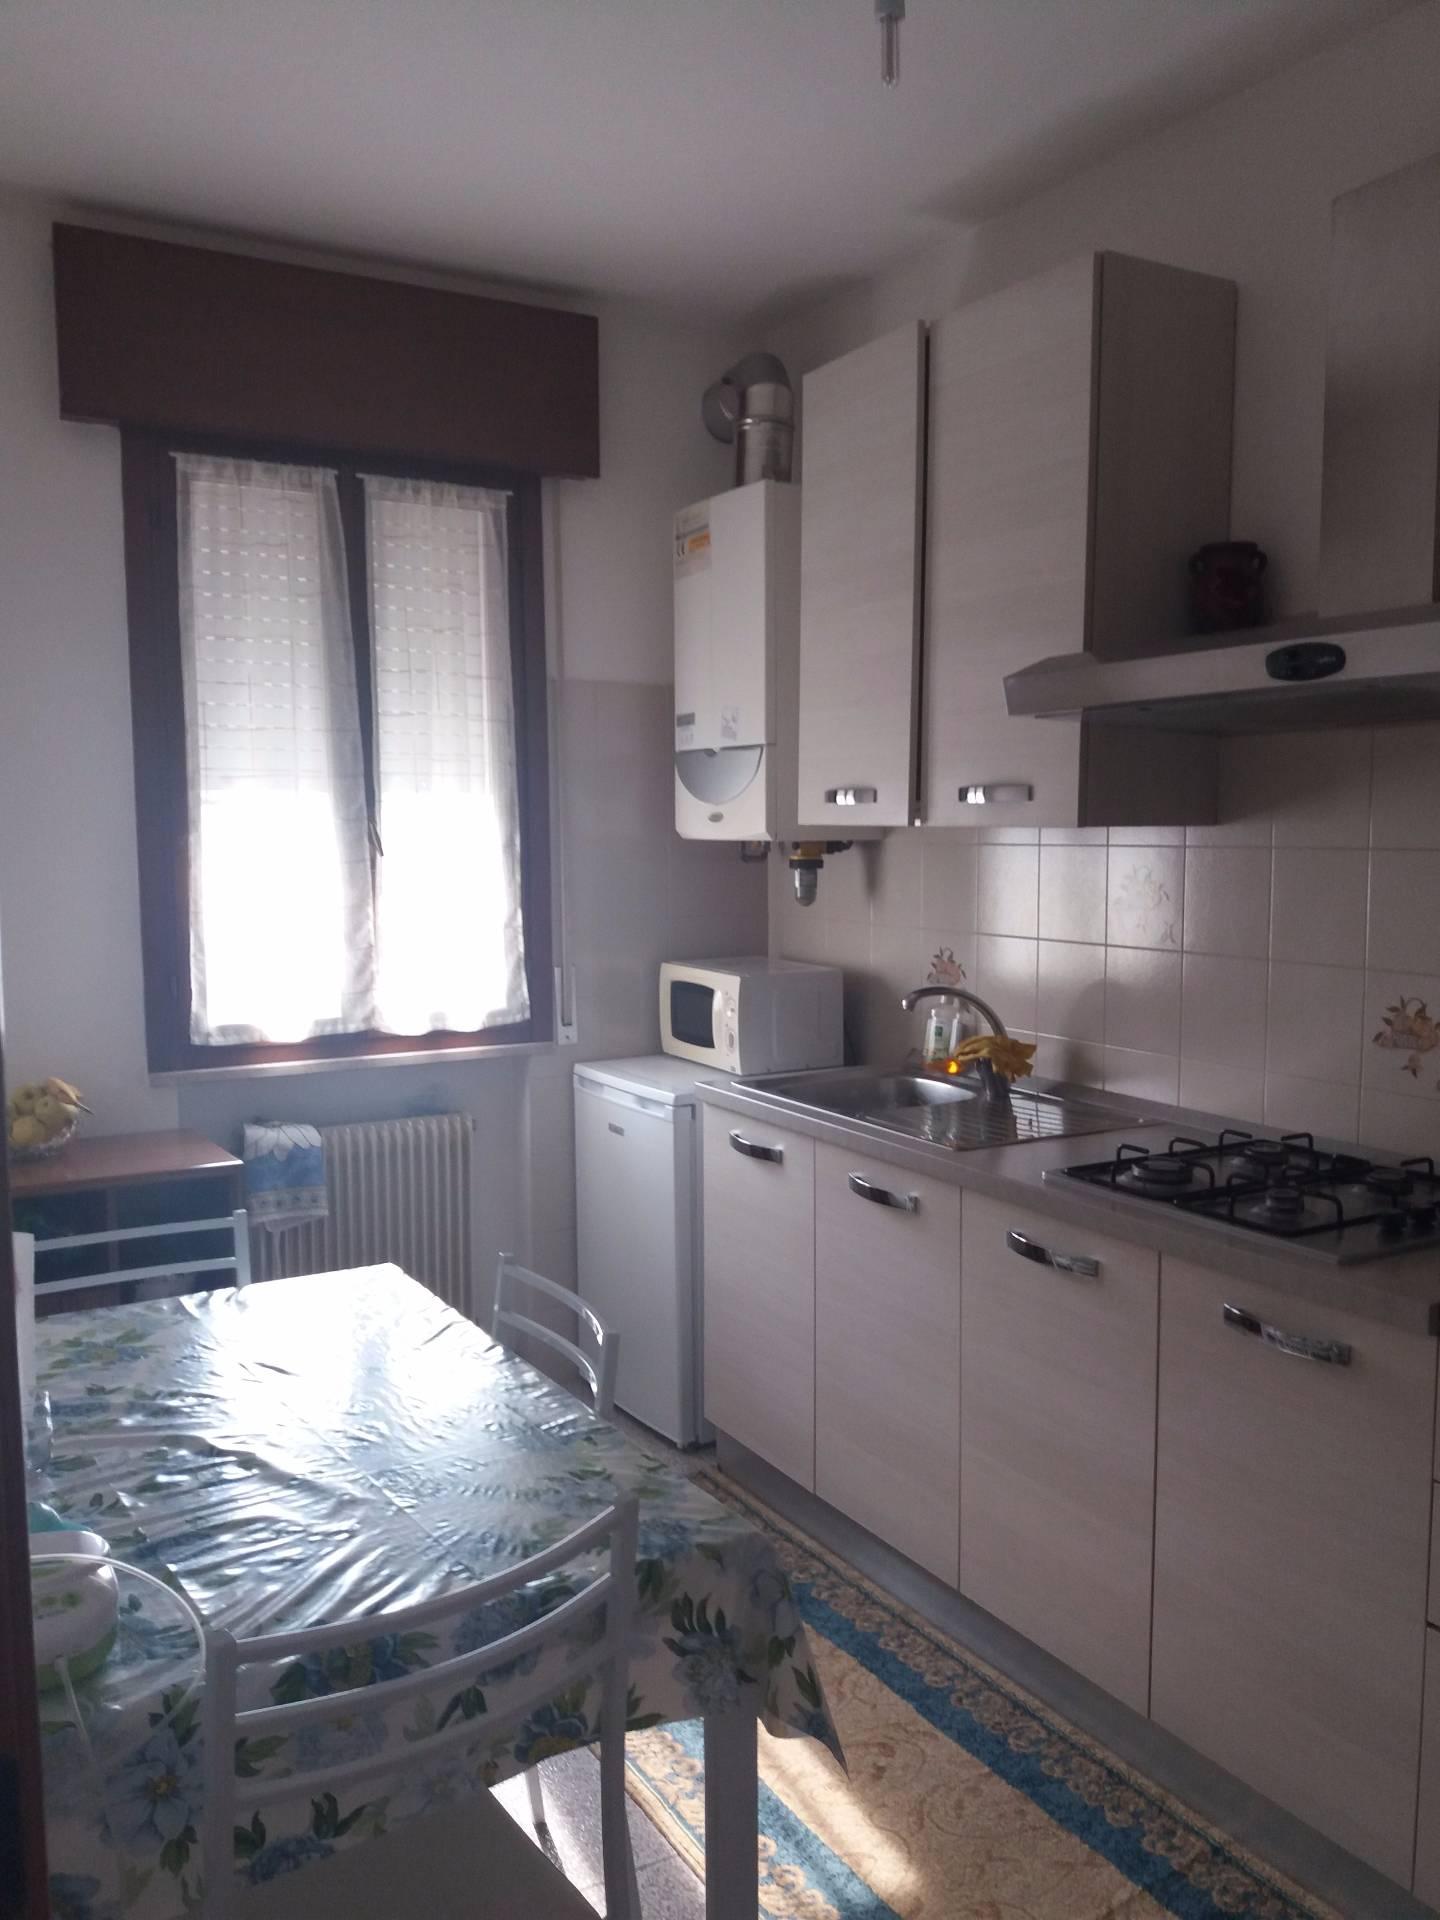 Appartamento in affitto a Santa Lucia di Piave, 5 locali, zona Località: S.aLucia, prezzo € 450 | Cambio Casa.it